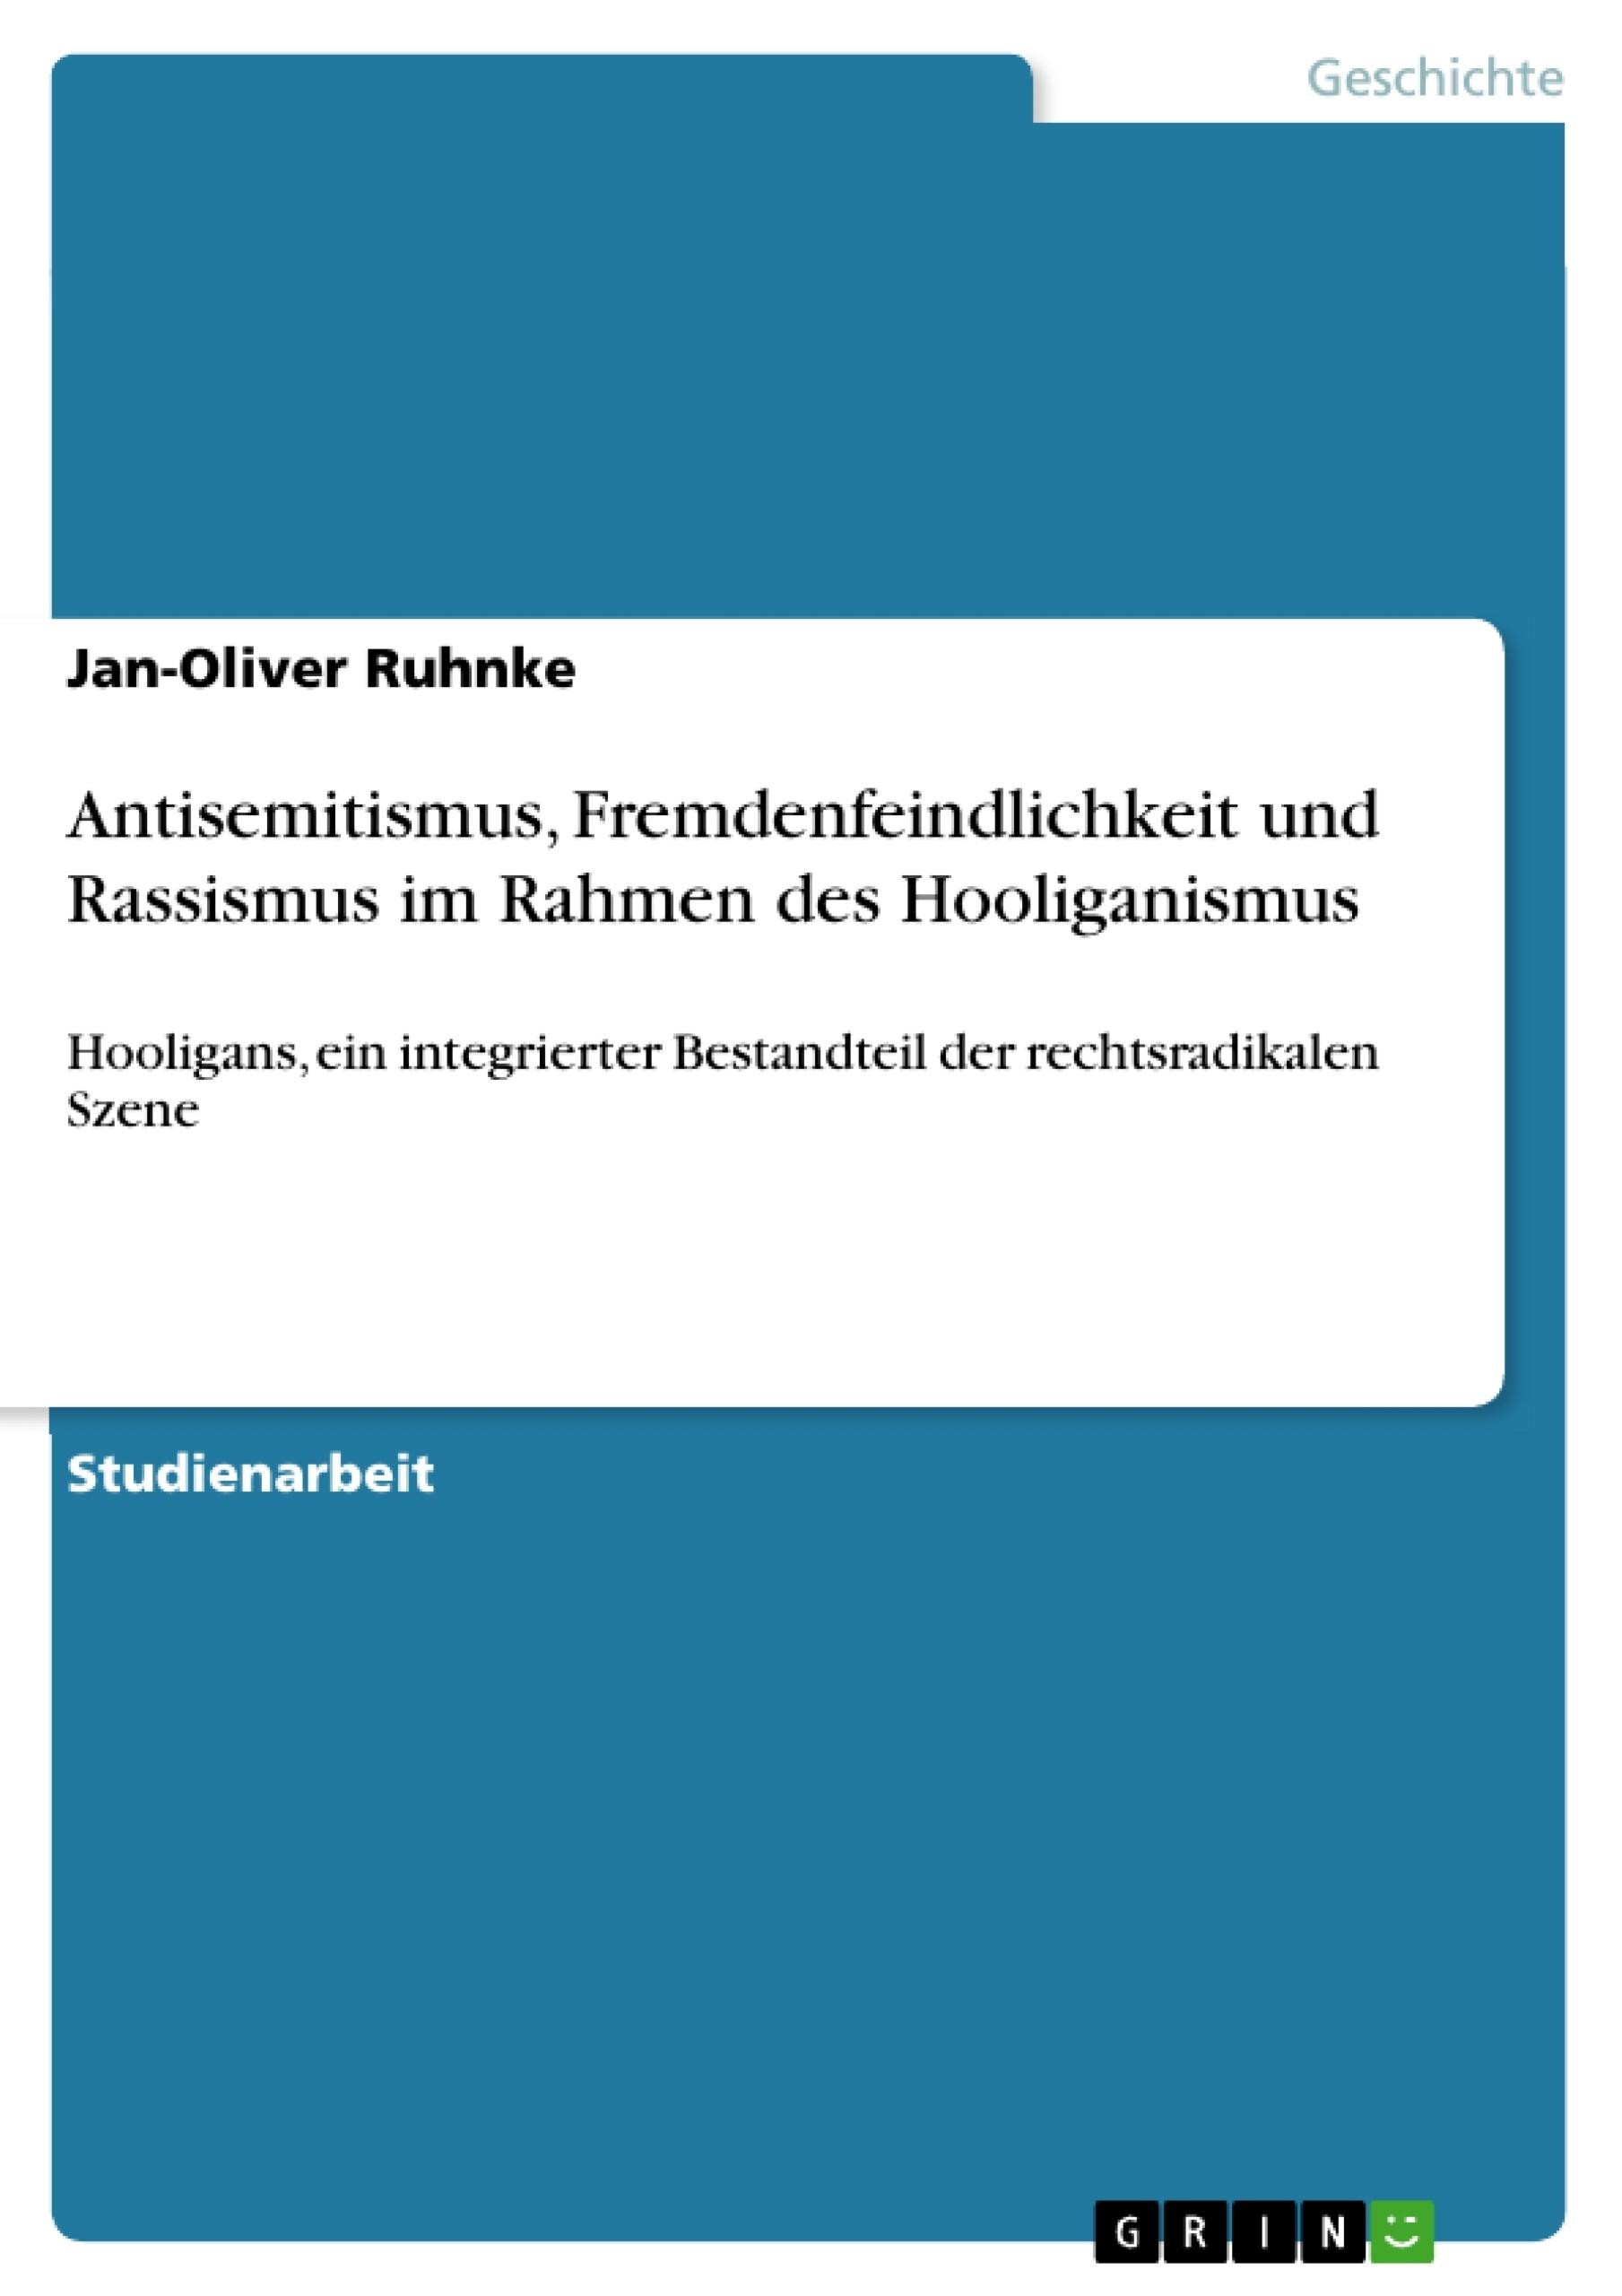 Titel: Antisemitismus, Fremdenfeindlichkeit und Rassismus im Rahmen des Hooliganismus